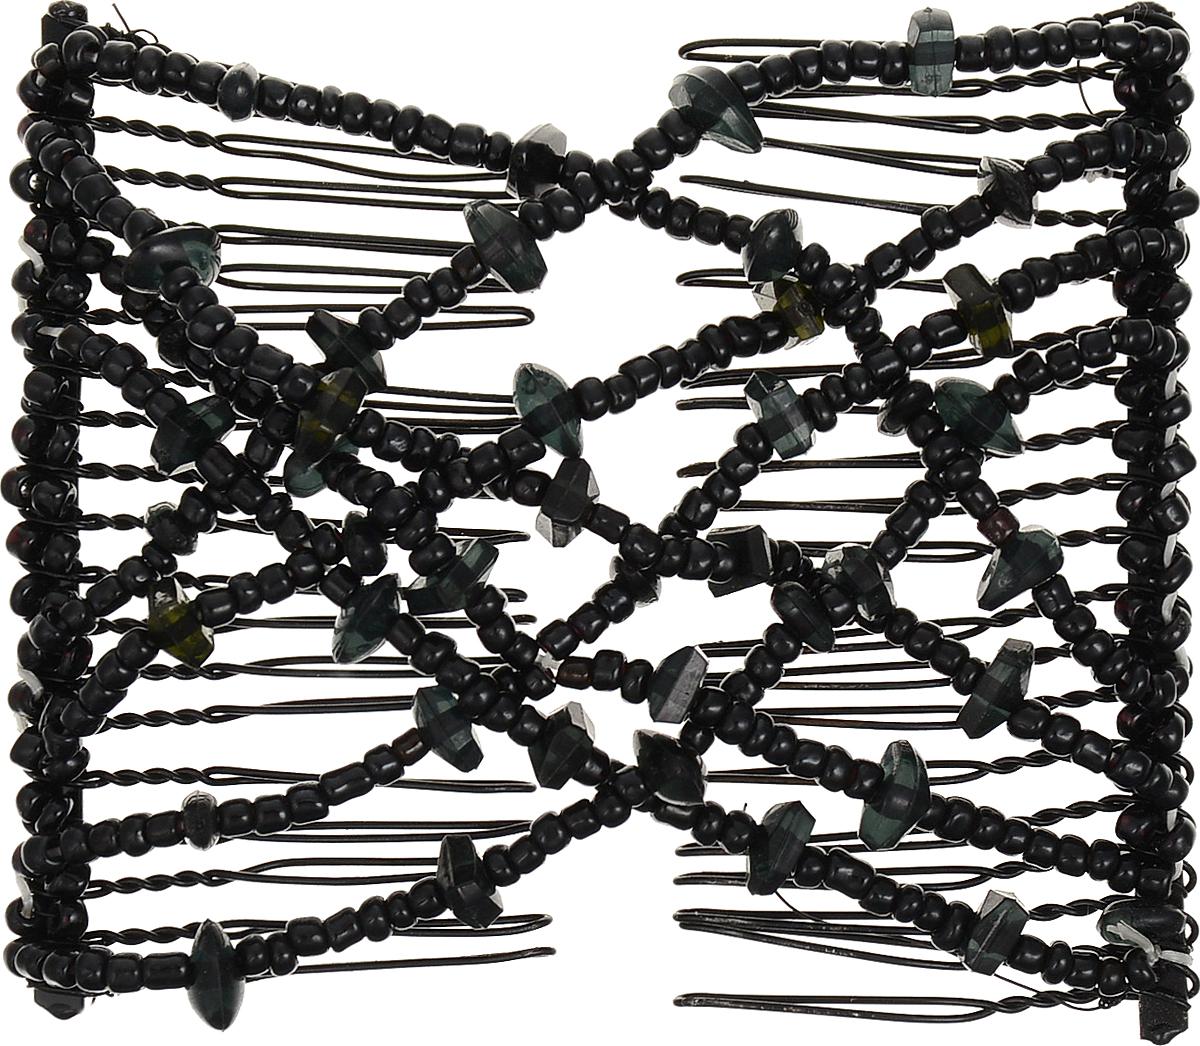 EZ-Combs Заколка Изи-Комбс, одинарная, цвет: черный. ЗИО_осколкиЗИО_черный/осколкиУдобная и практичная EZ-Combs подходит для любого типа волос: тонких, жестких, вьющихся или прямых, и не наносит им никакого вреда. Заколка не мешает движениям головы и не создает дискомфорта, когда вы отдыхаете или управляете автомобилем. Каждый гребень имеет по 20 зубьев для надежной фиксации заколки на волосах! И даже во время бега и интенсивных тренировок в спортзале EZ-Combs не падает; она прочно фиксирует прическу, сохраняя укладку в первозданном виде.Небольшая и легкая заколка для волос EZ-Combs поместится в любой дамской сумочке, позволяя быстро и без особых усилий создавать неповторимые прически там, где вам это удобно. Гребень прекрасно сочетается с любой одеждой: будь это классический или спортивный стиль, завершая гармоничный облик современной леди. И неважно, какой образ жизни вы ведете, если у вас есть EZ-Combs, вы всегда будете выглядеть потрясающе.